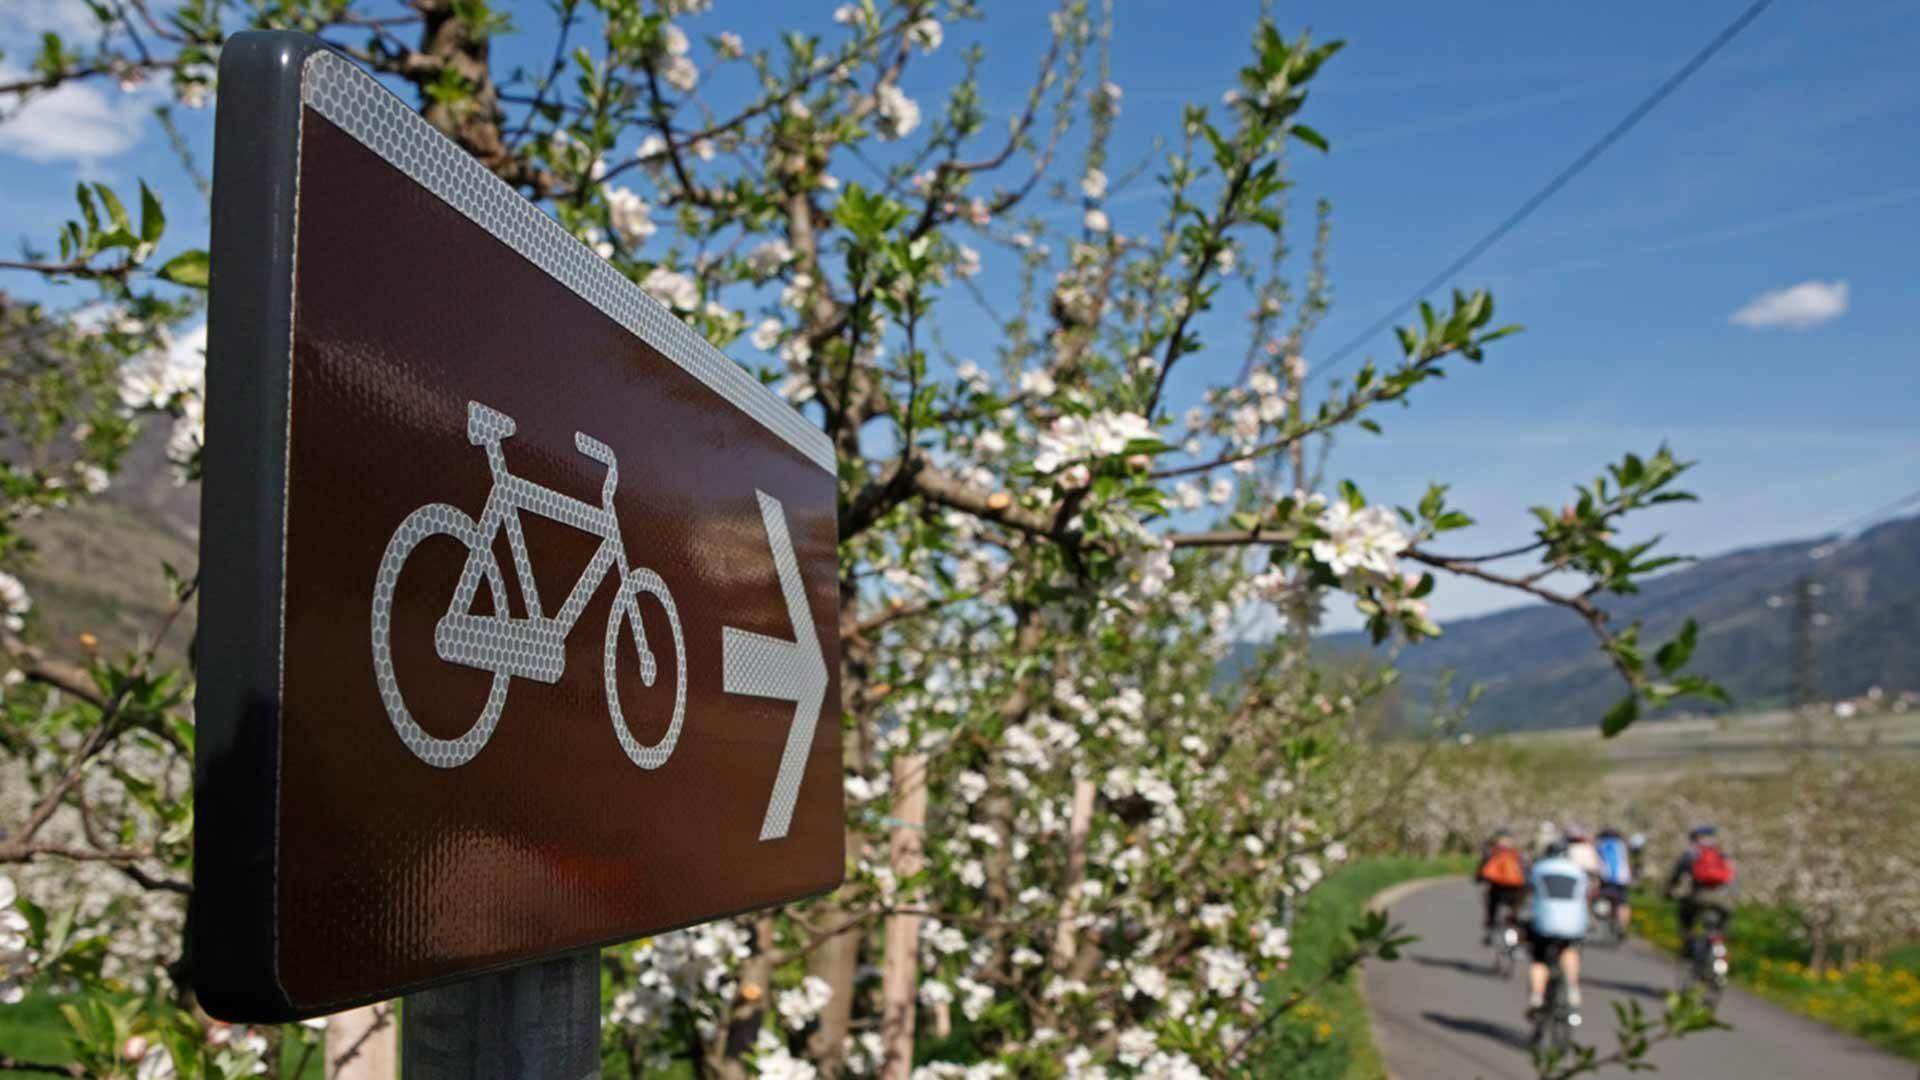 Radtour Meran - Naturns